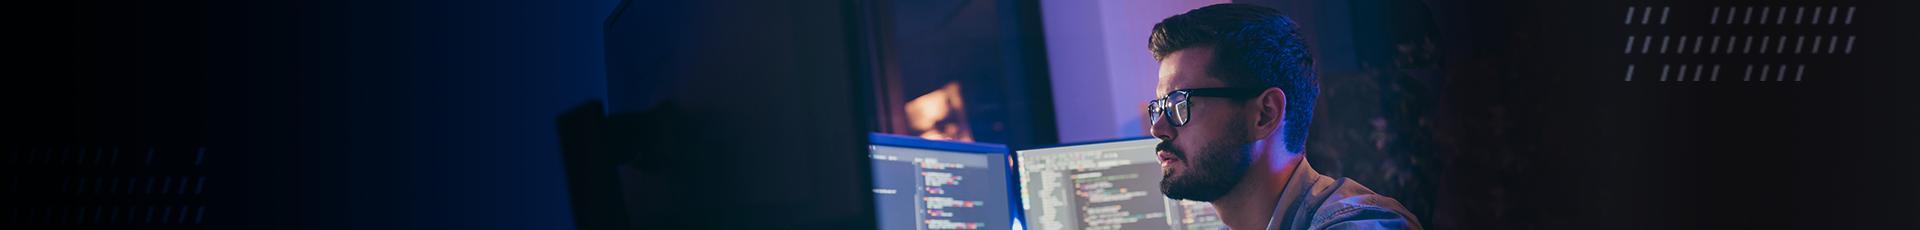 Hospedagens em Cloud e com recursos dedicados: quando contratar?